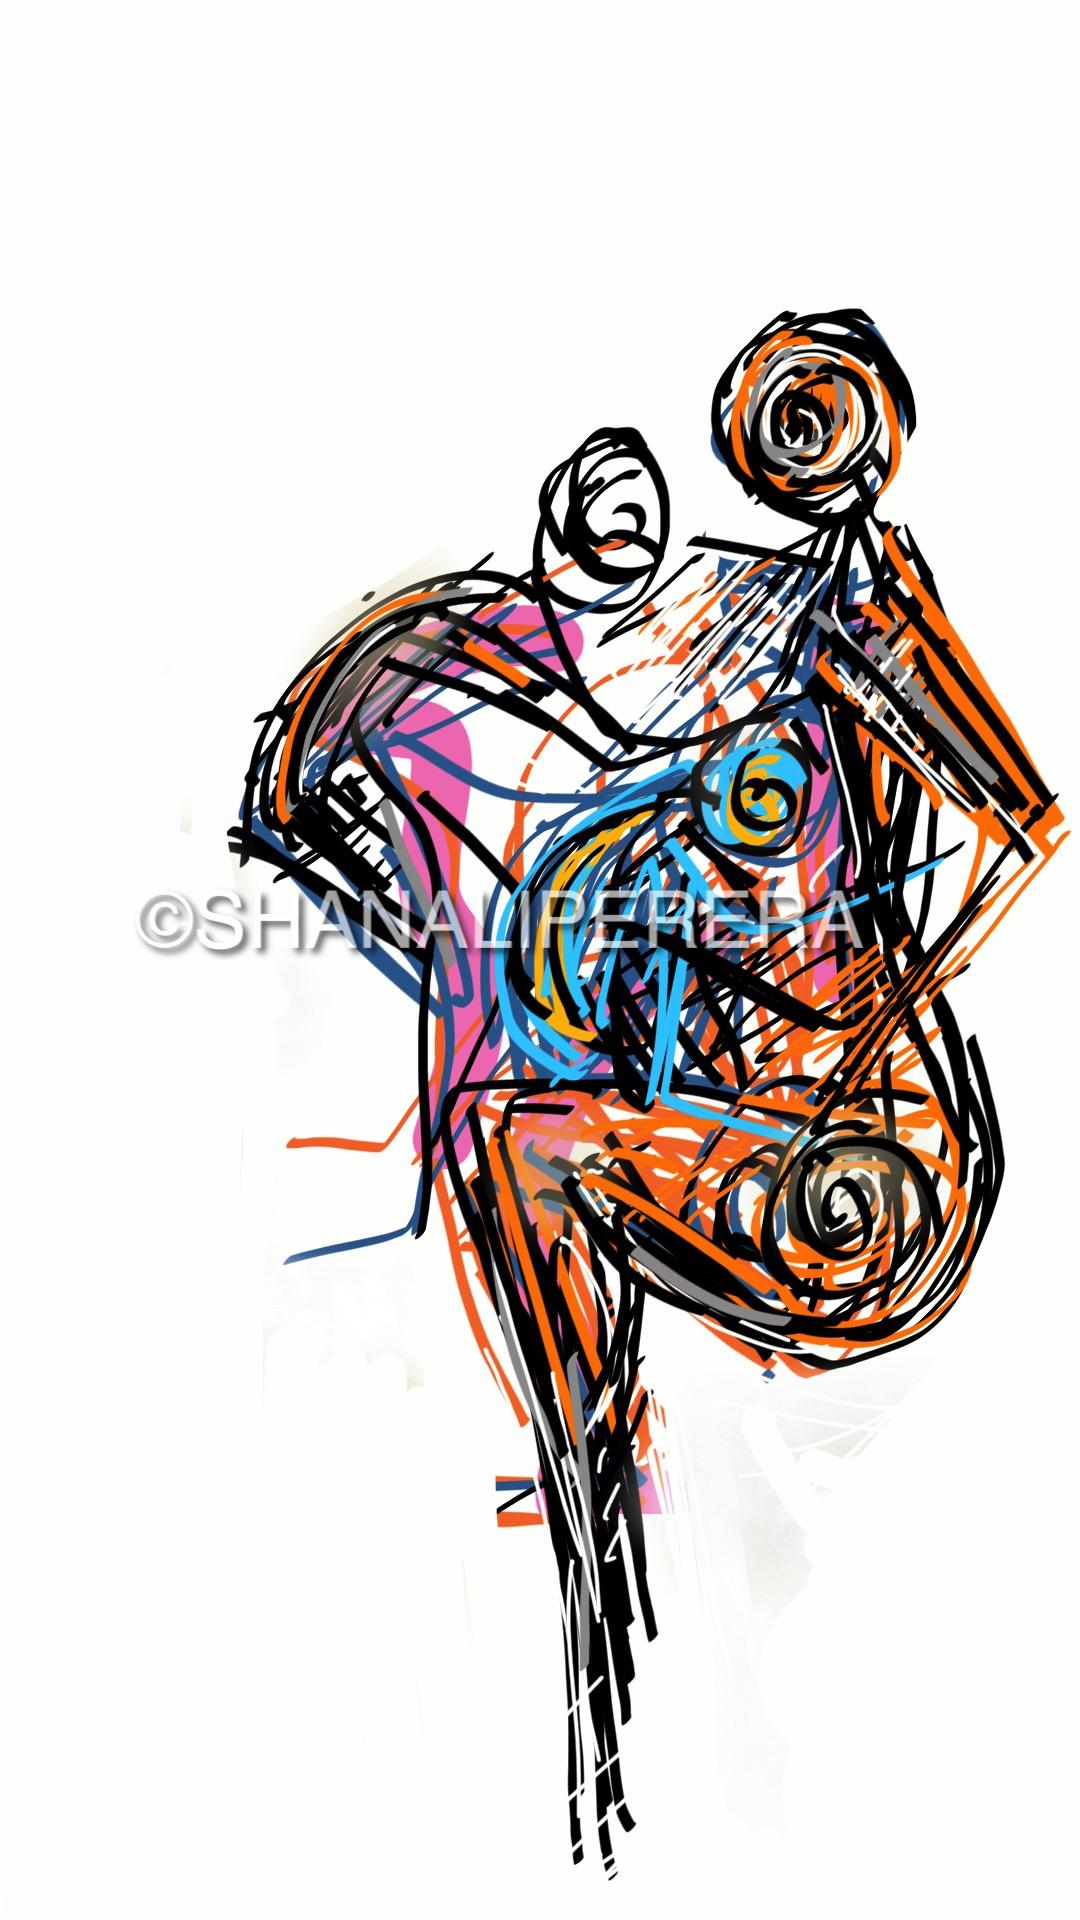 sketch-1502075856565.jpg